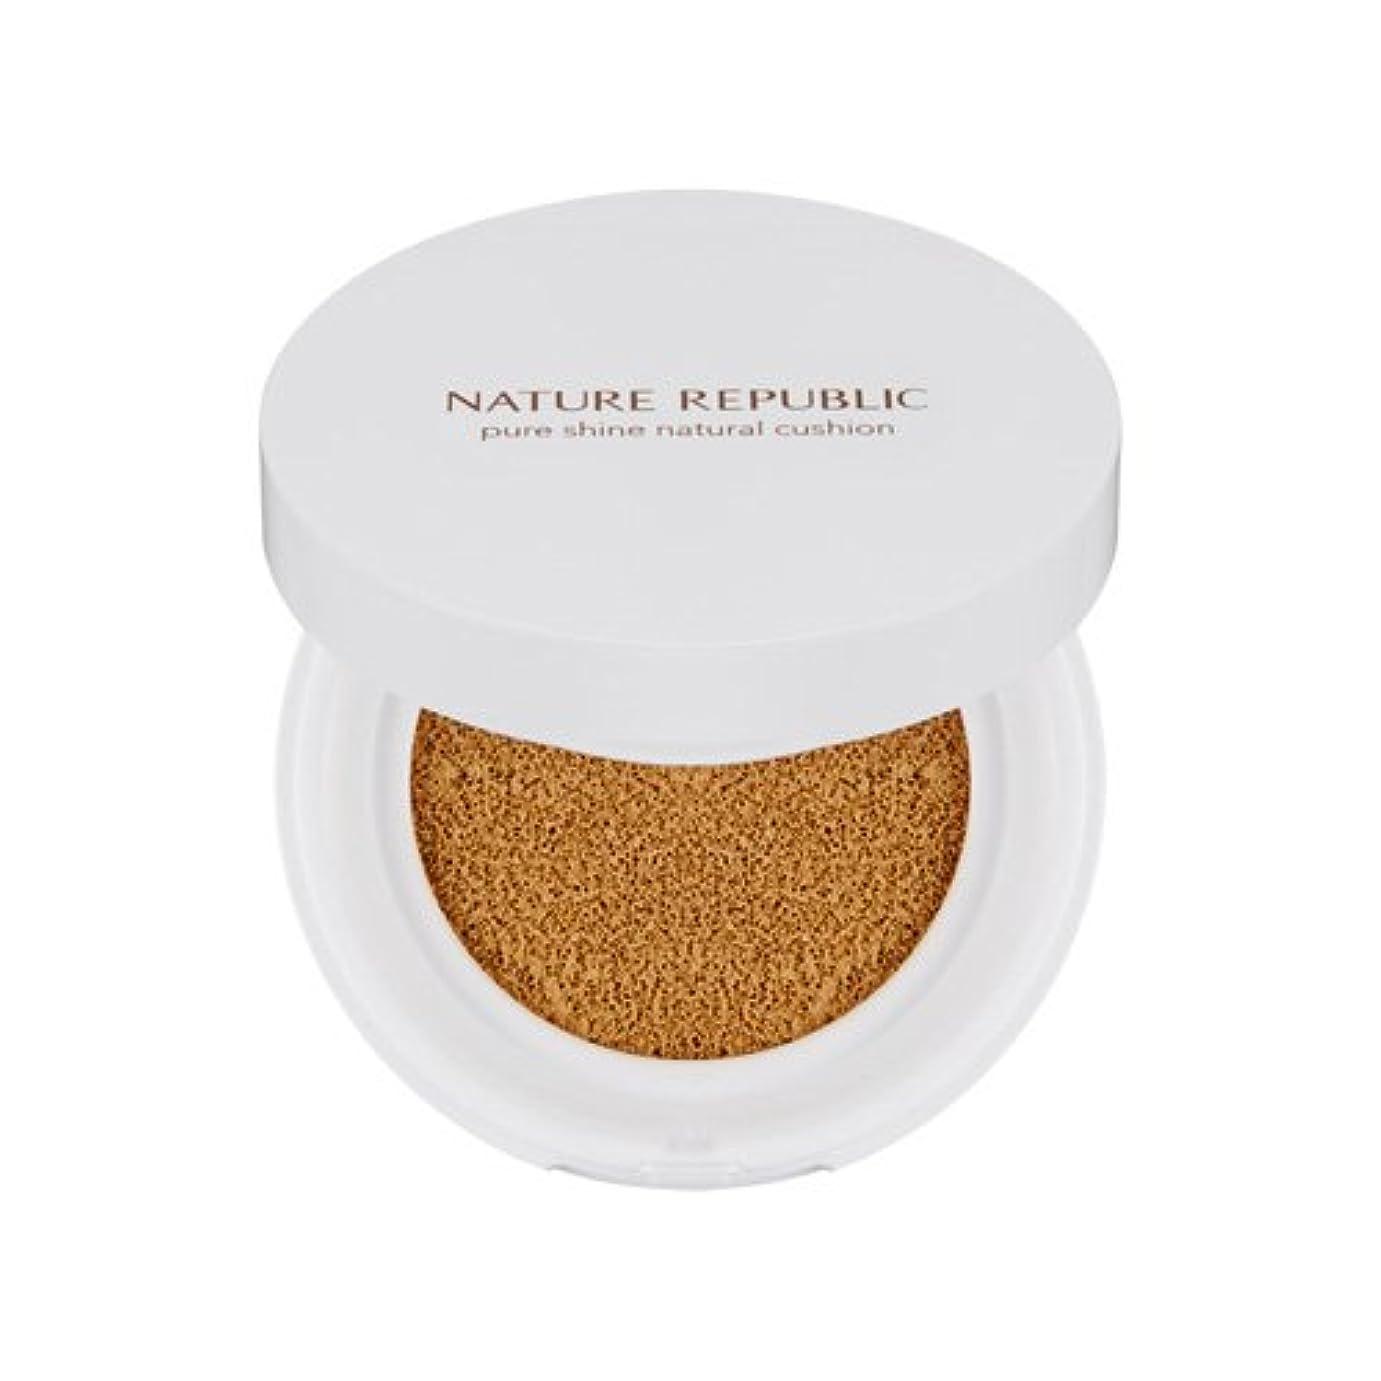 専門ヘルシークラウドNATURE REPUBLIC Pure Shine Natural Cushion #02 Natural Beige SPF50 + PA +++ ネイチャーリパブリック ピュアシャインナチュラルクッション #02ナチュラルベージュ...